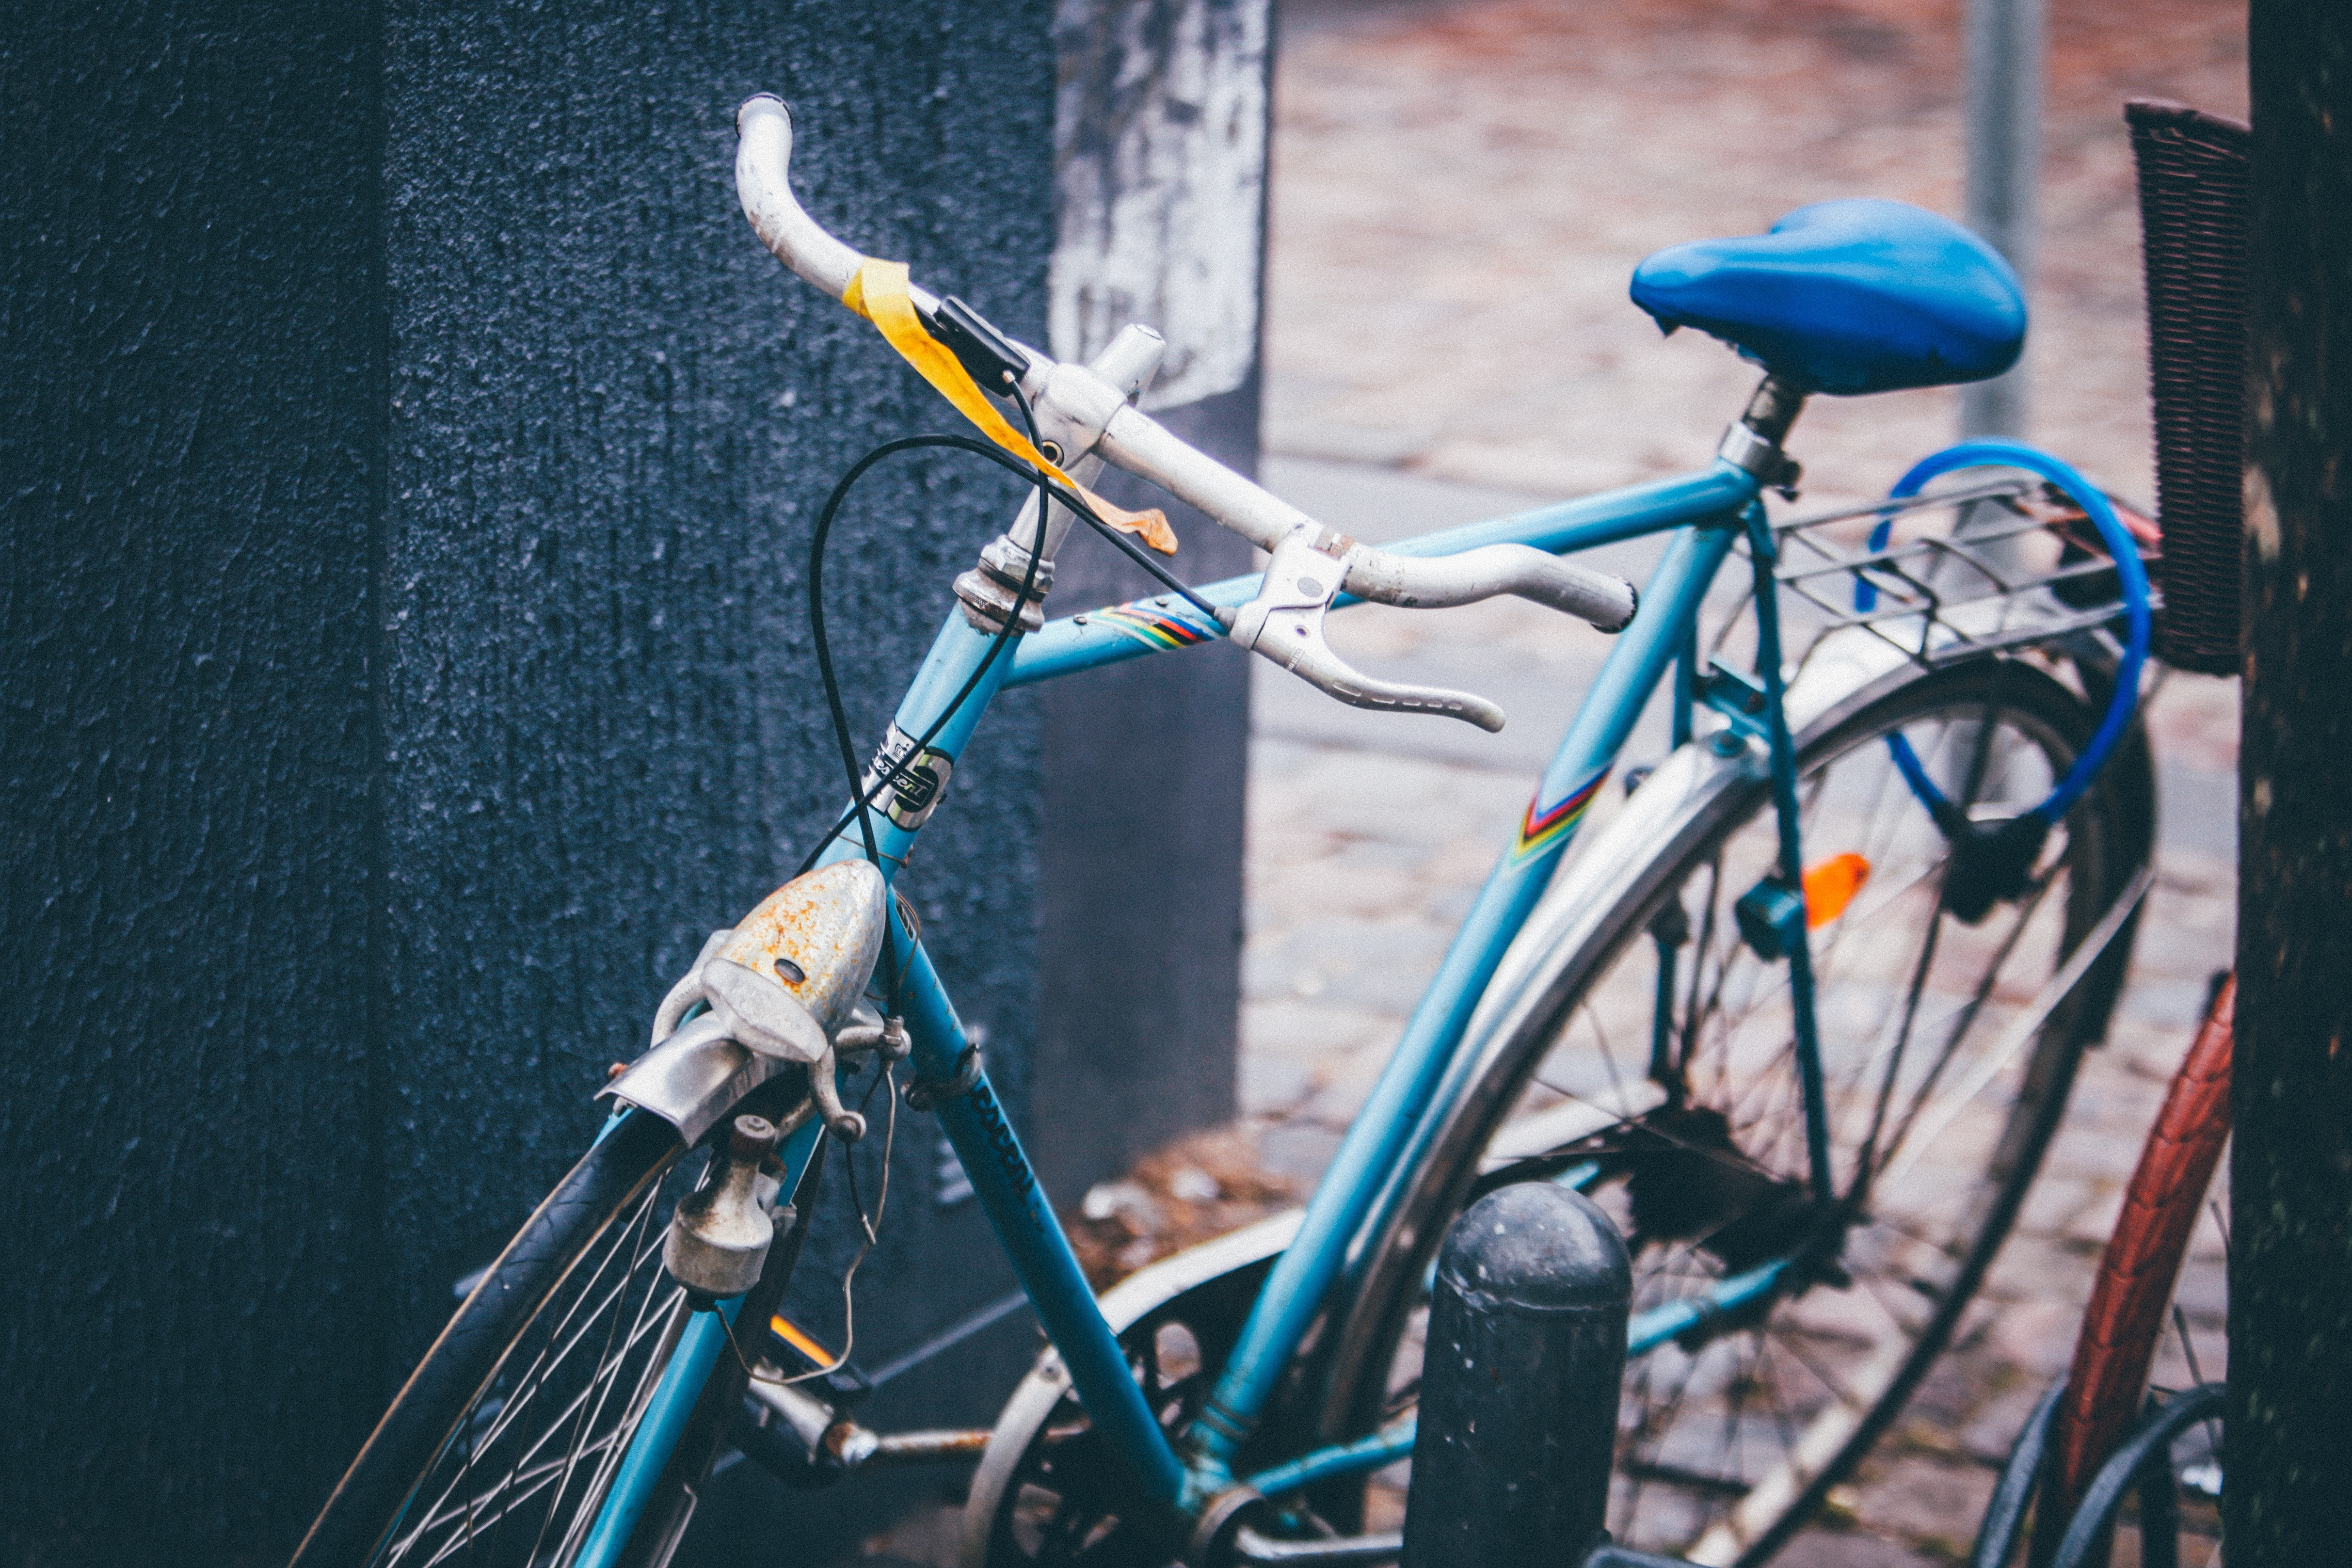 109052 скачать обои Разное, Велосипед, Транспорт, Парковка - заставки и картинки бесплатно